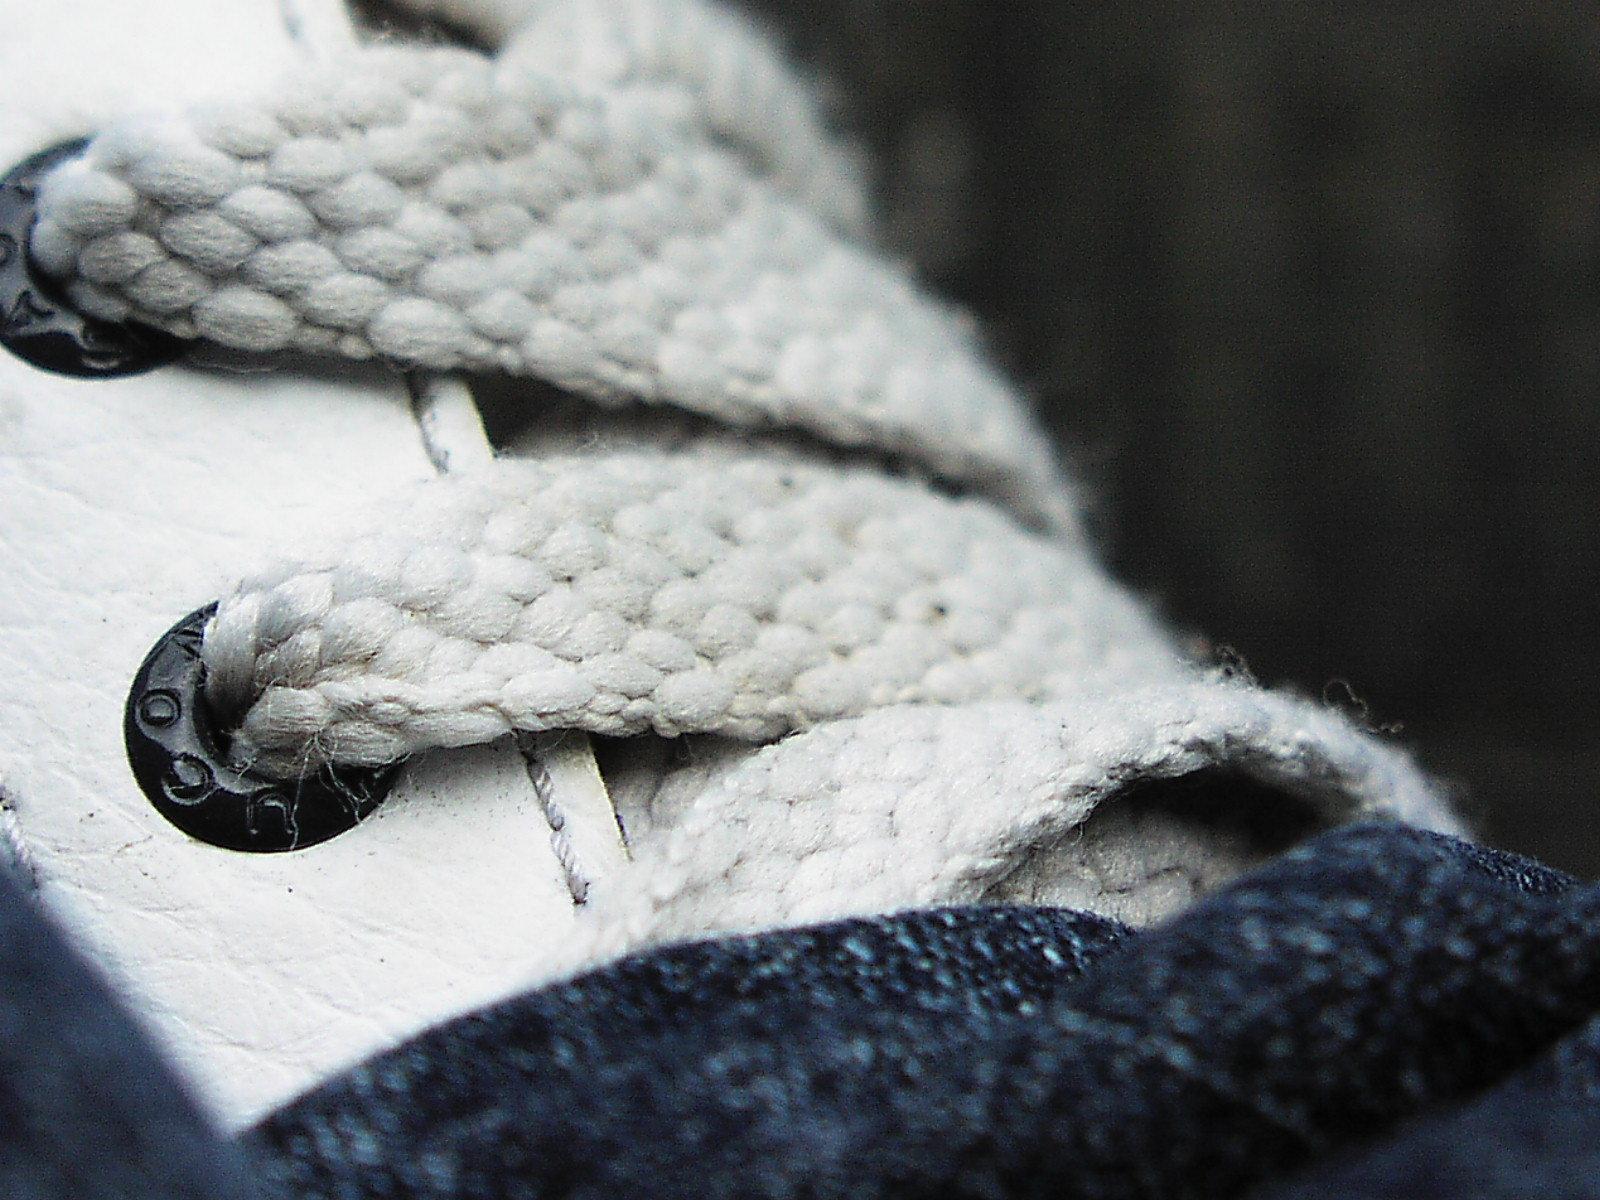 Shoe macro shot photo